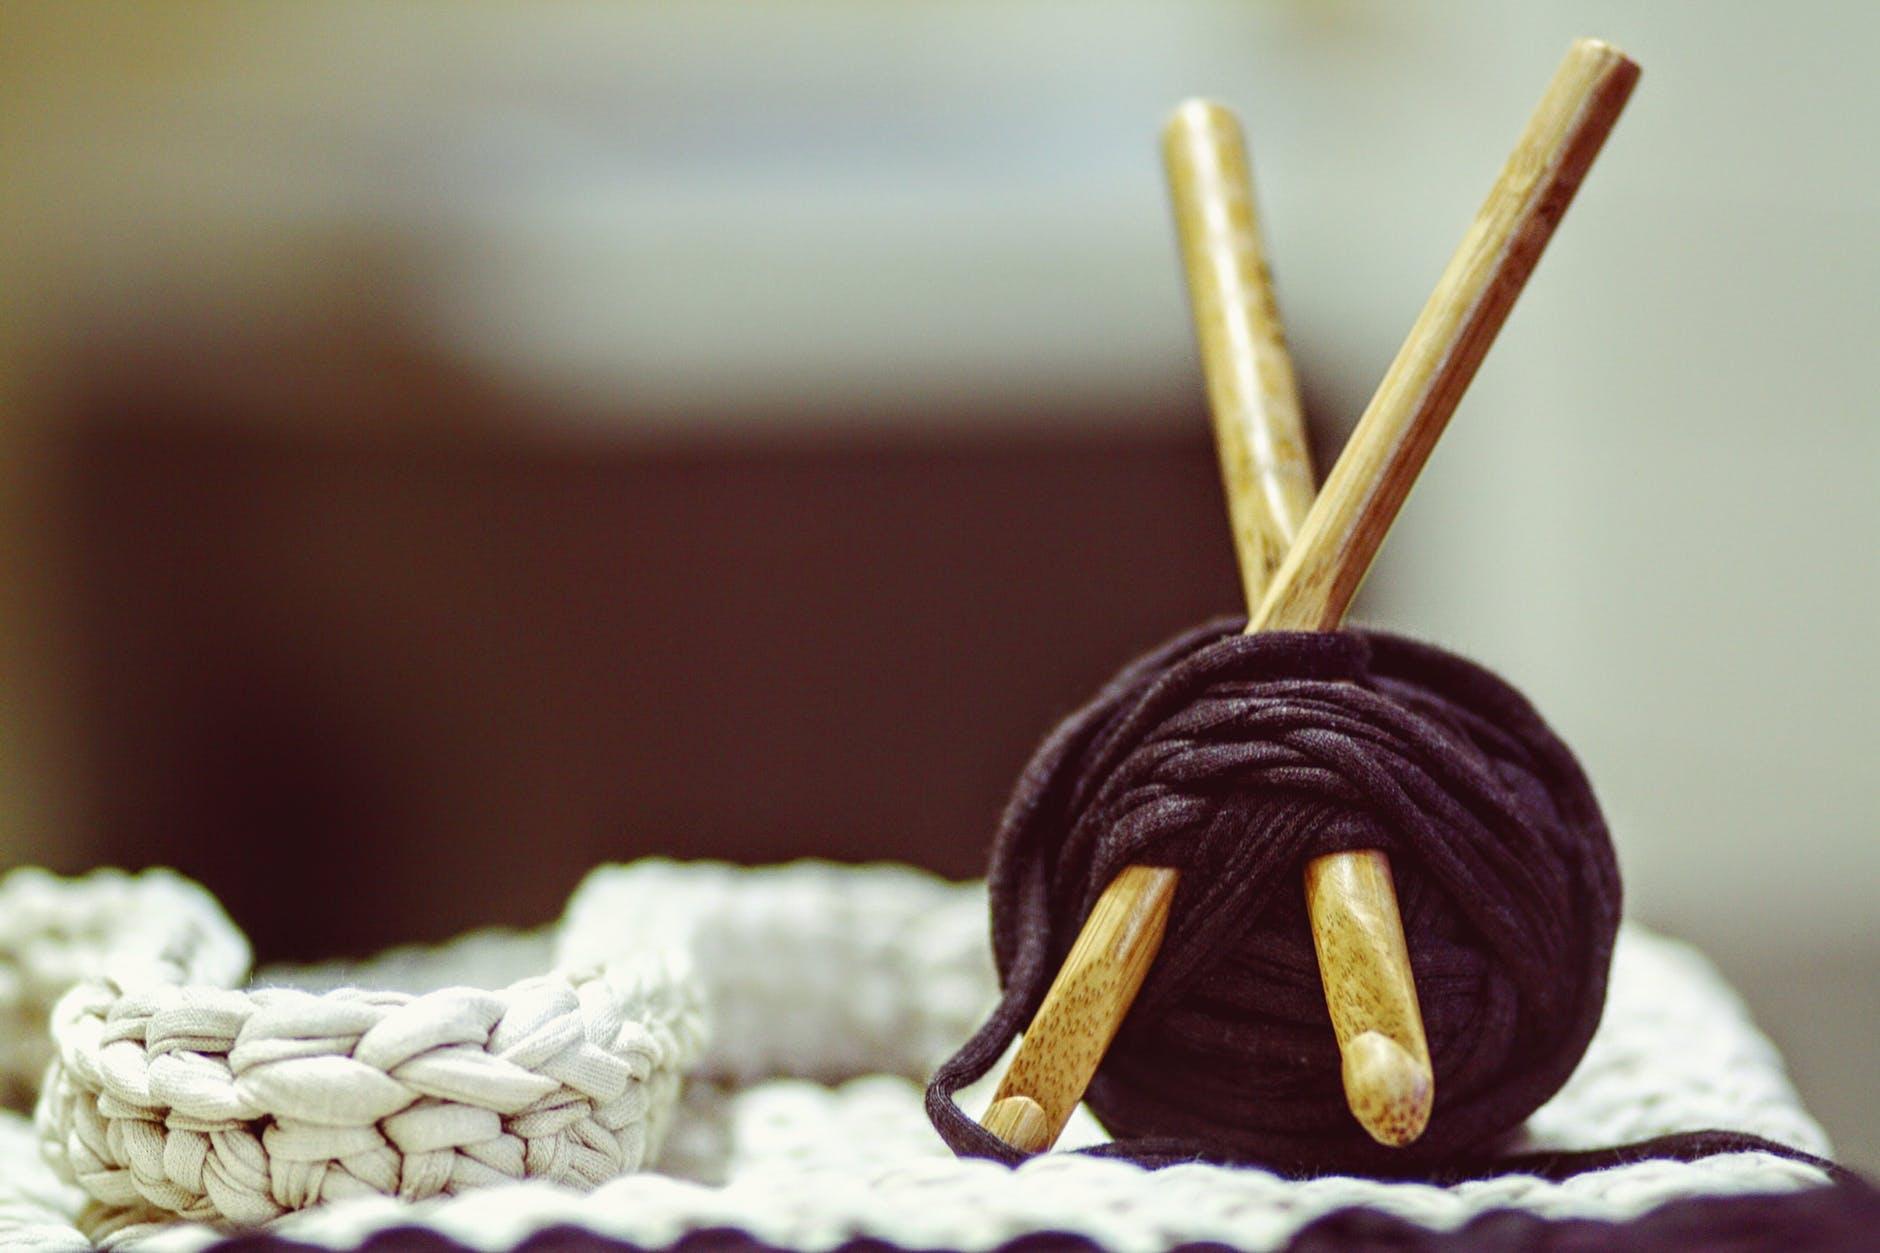 crocheting-yarn-diy-knitting-162499.jpg